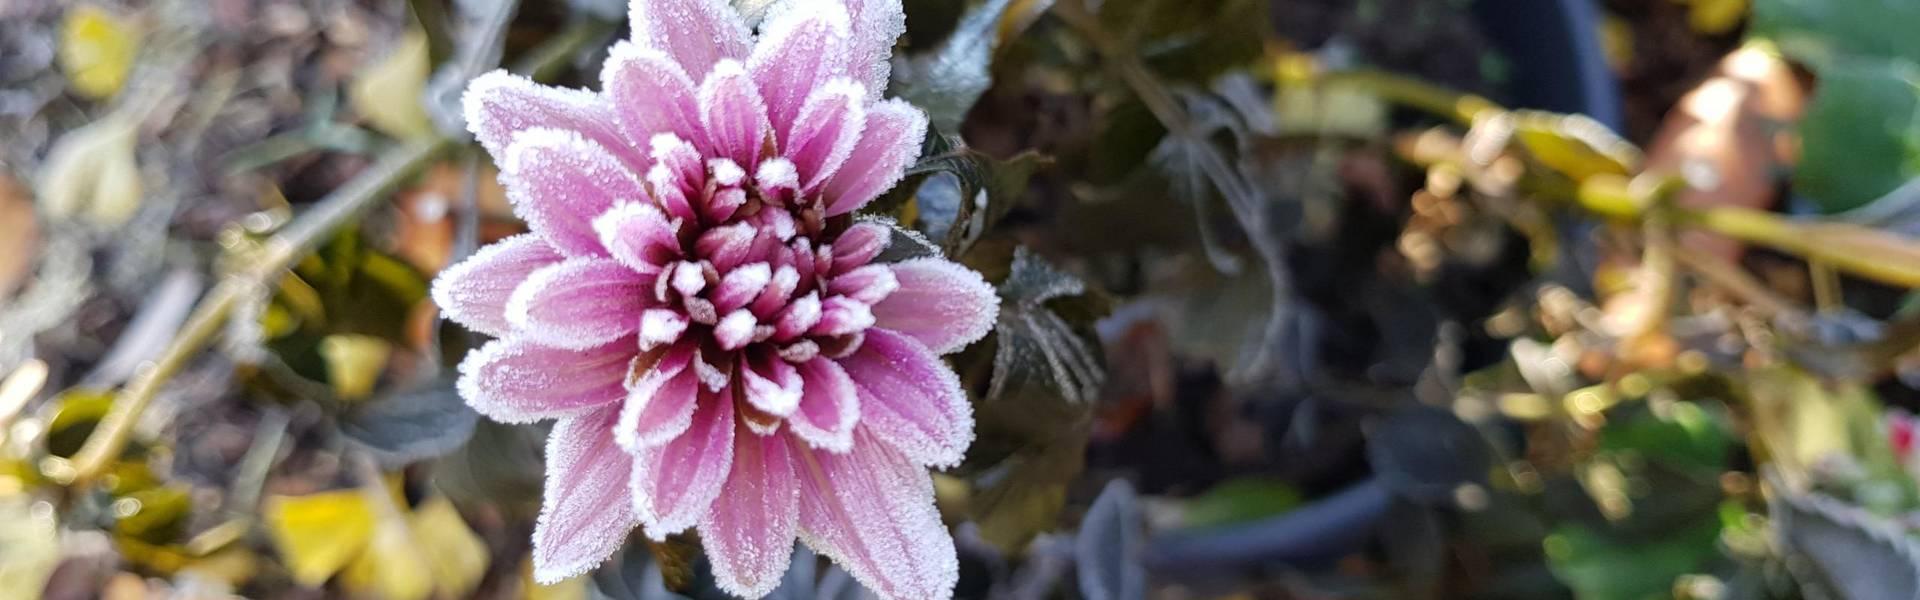 Der erste Frost dieses Herbst lässt eine Dahlienblüte erstarren ©Landratsamt Saale-Orla-Kreis, Pressestelle